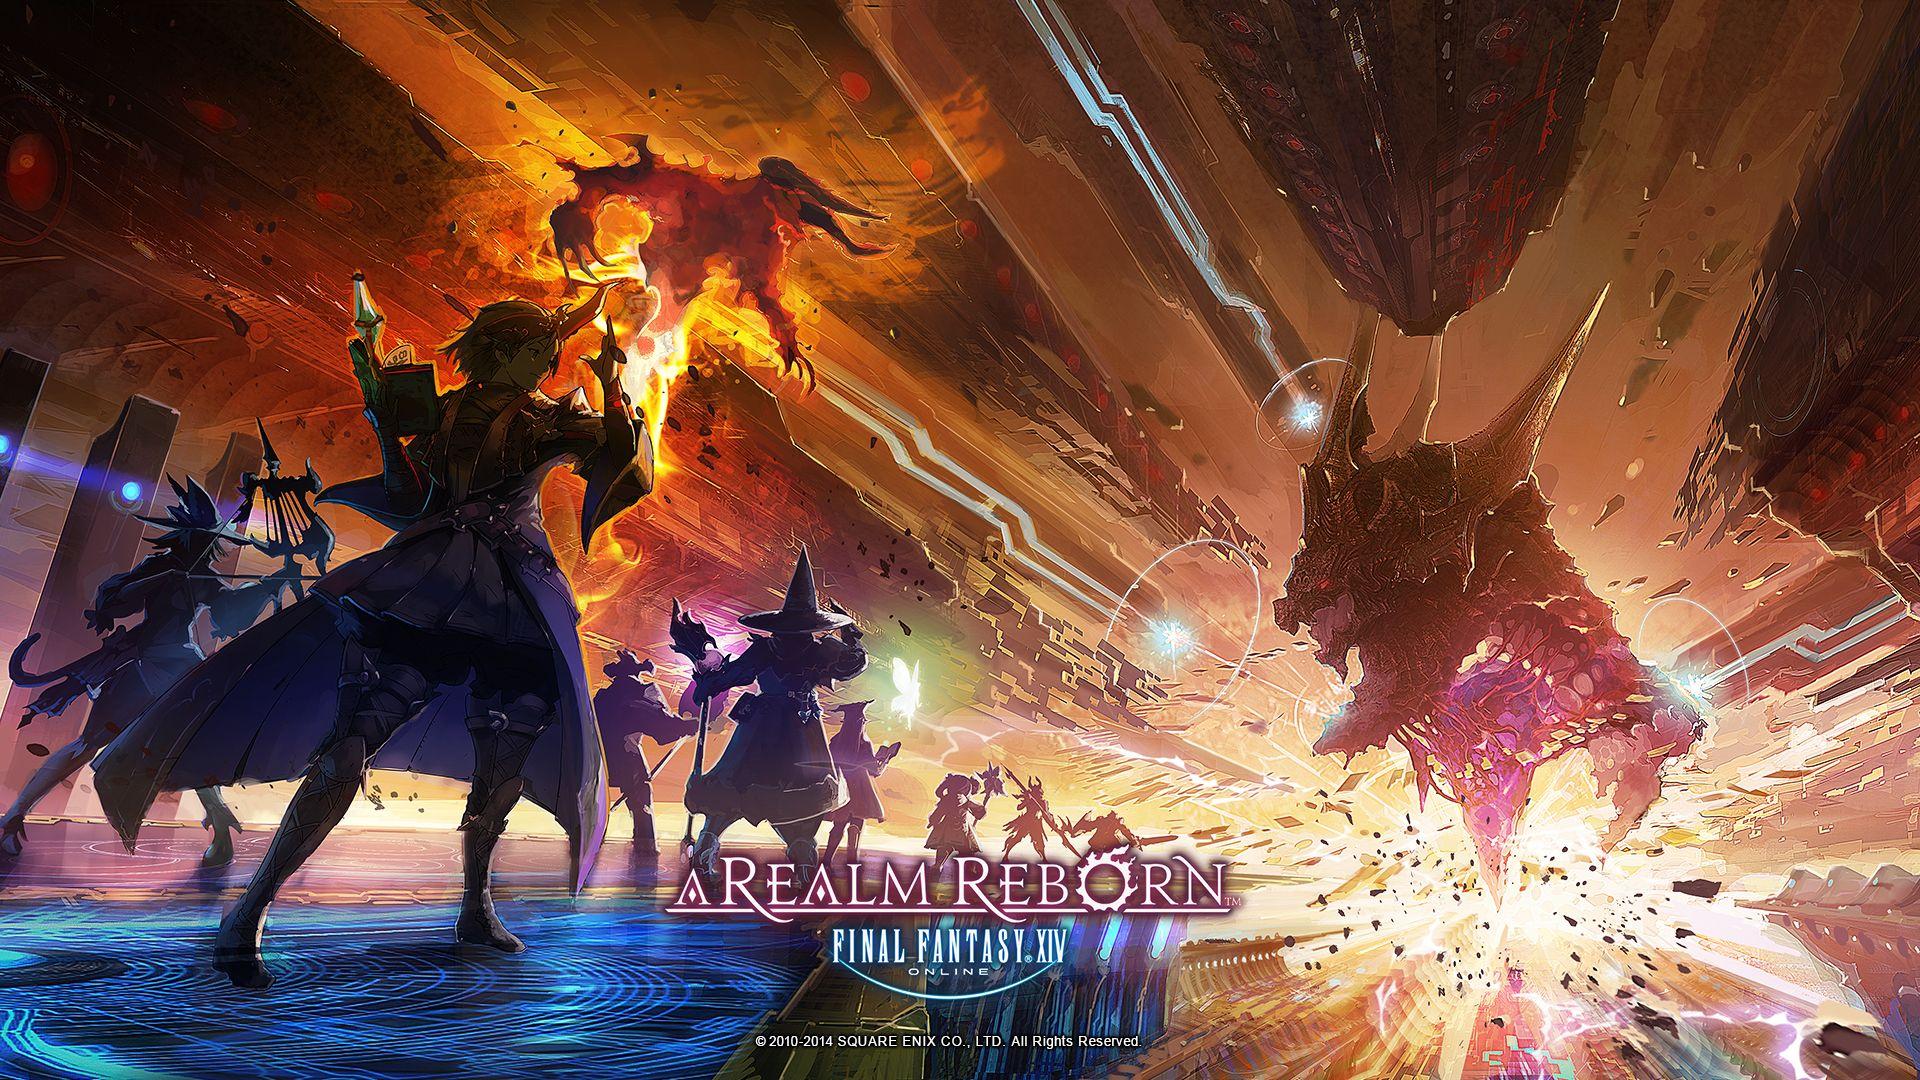 Final Fantasy Xiv Final Fantasy Xiv A Realm Reborn Mmorpg